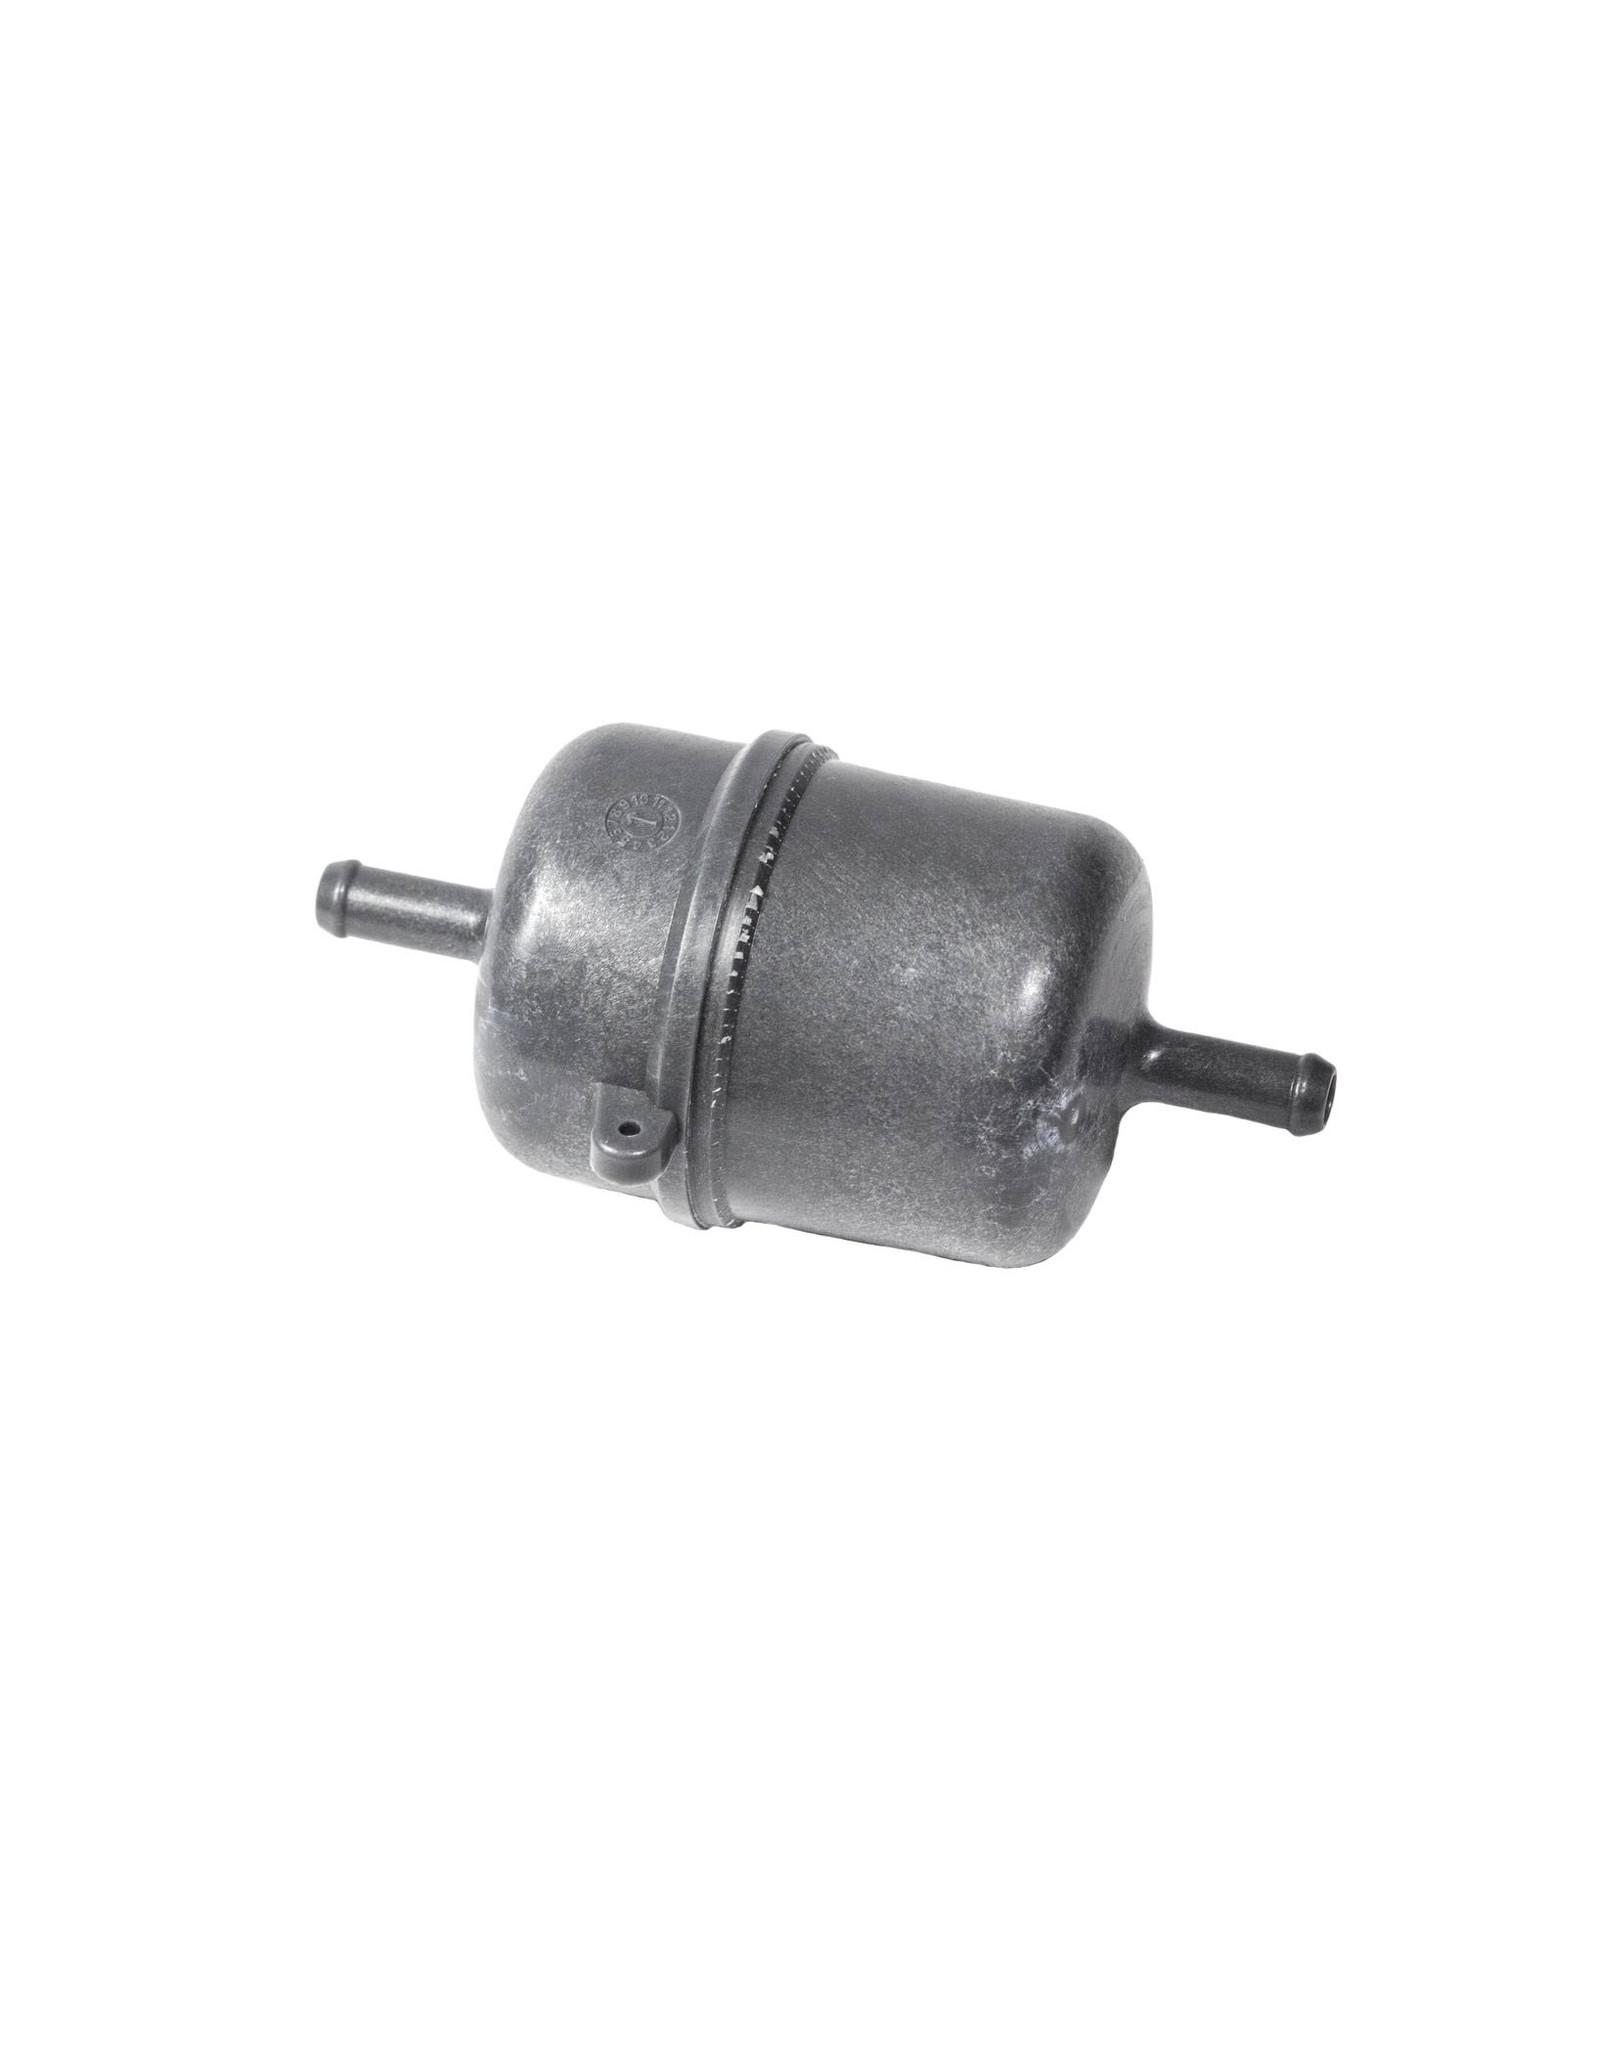 Aprilia fuel filter (gen1 &2 v990